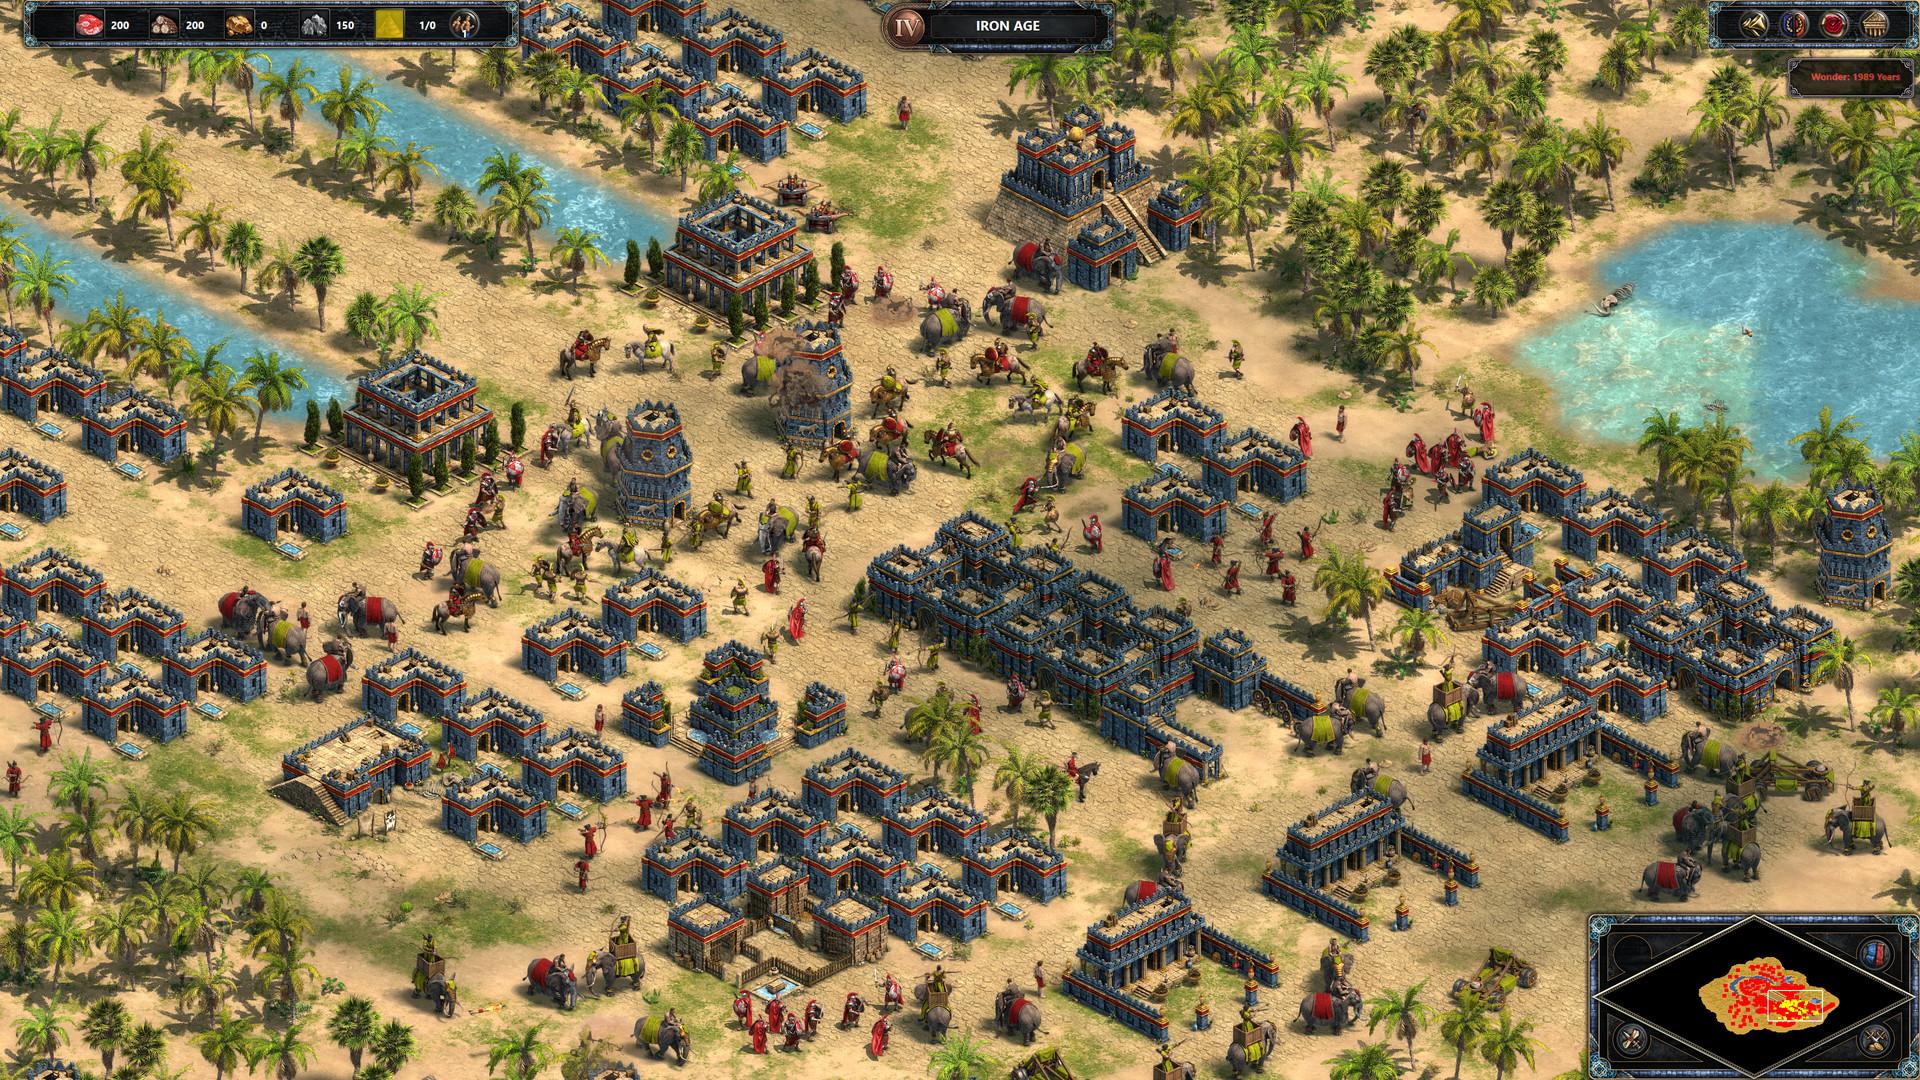 帝国时代:终极版插图